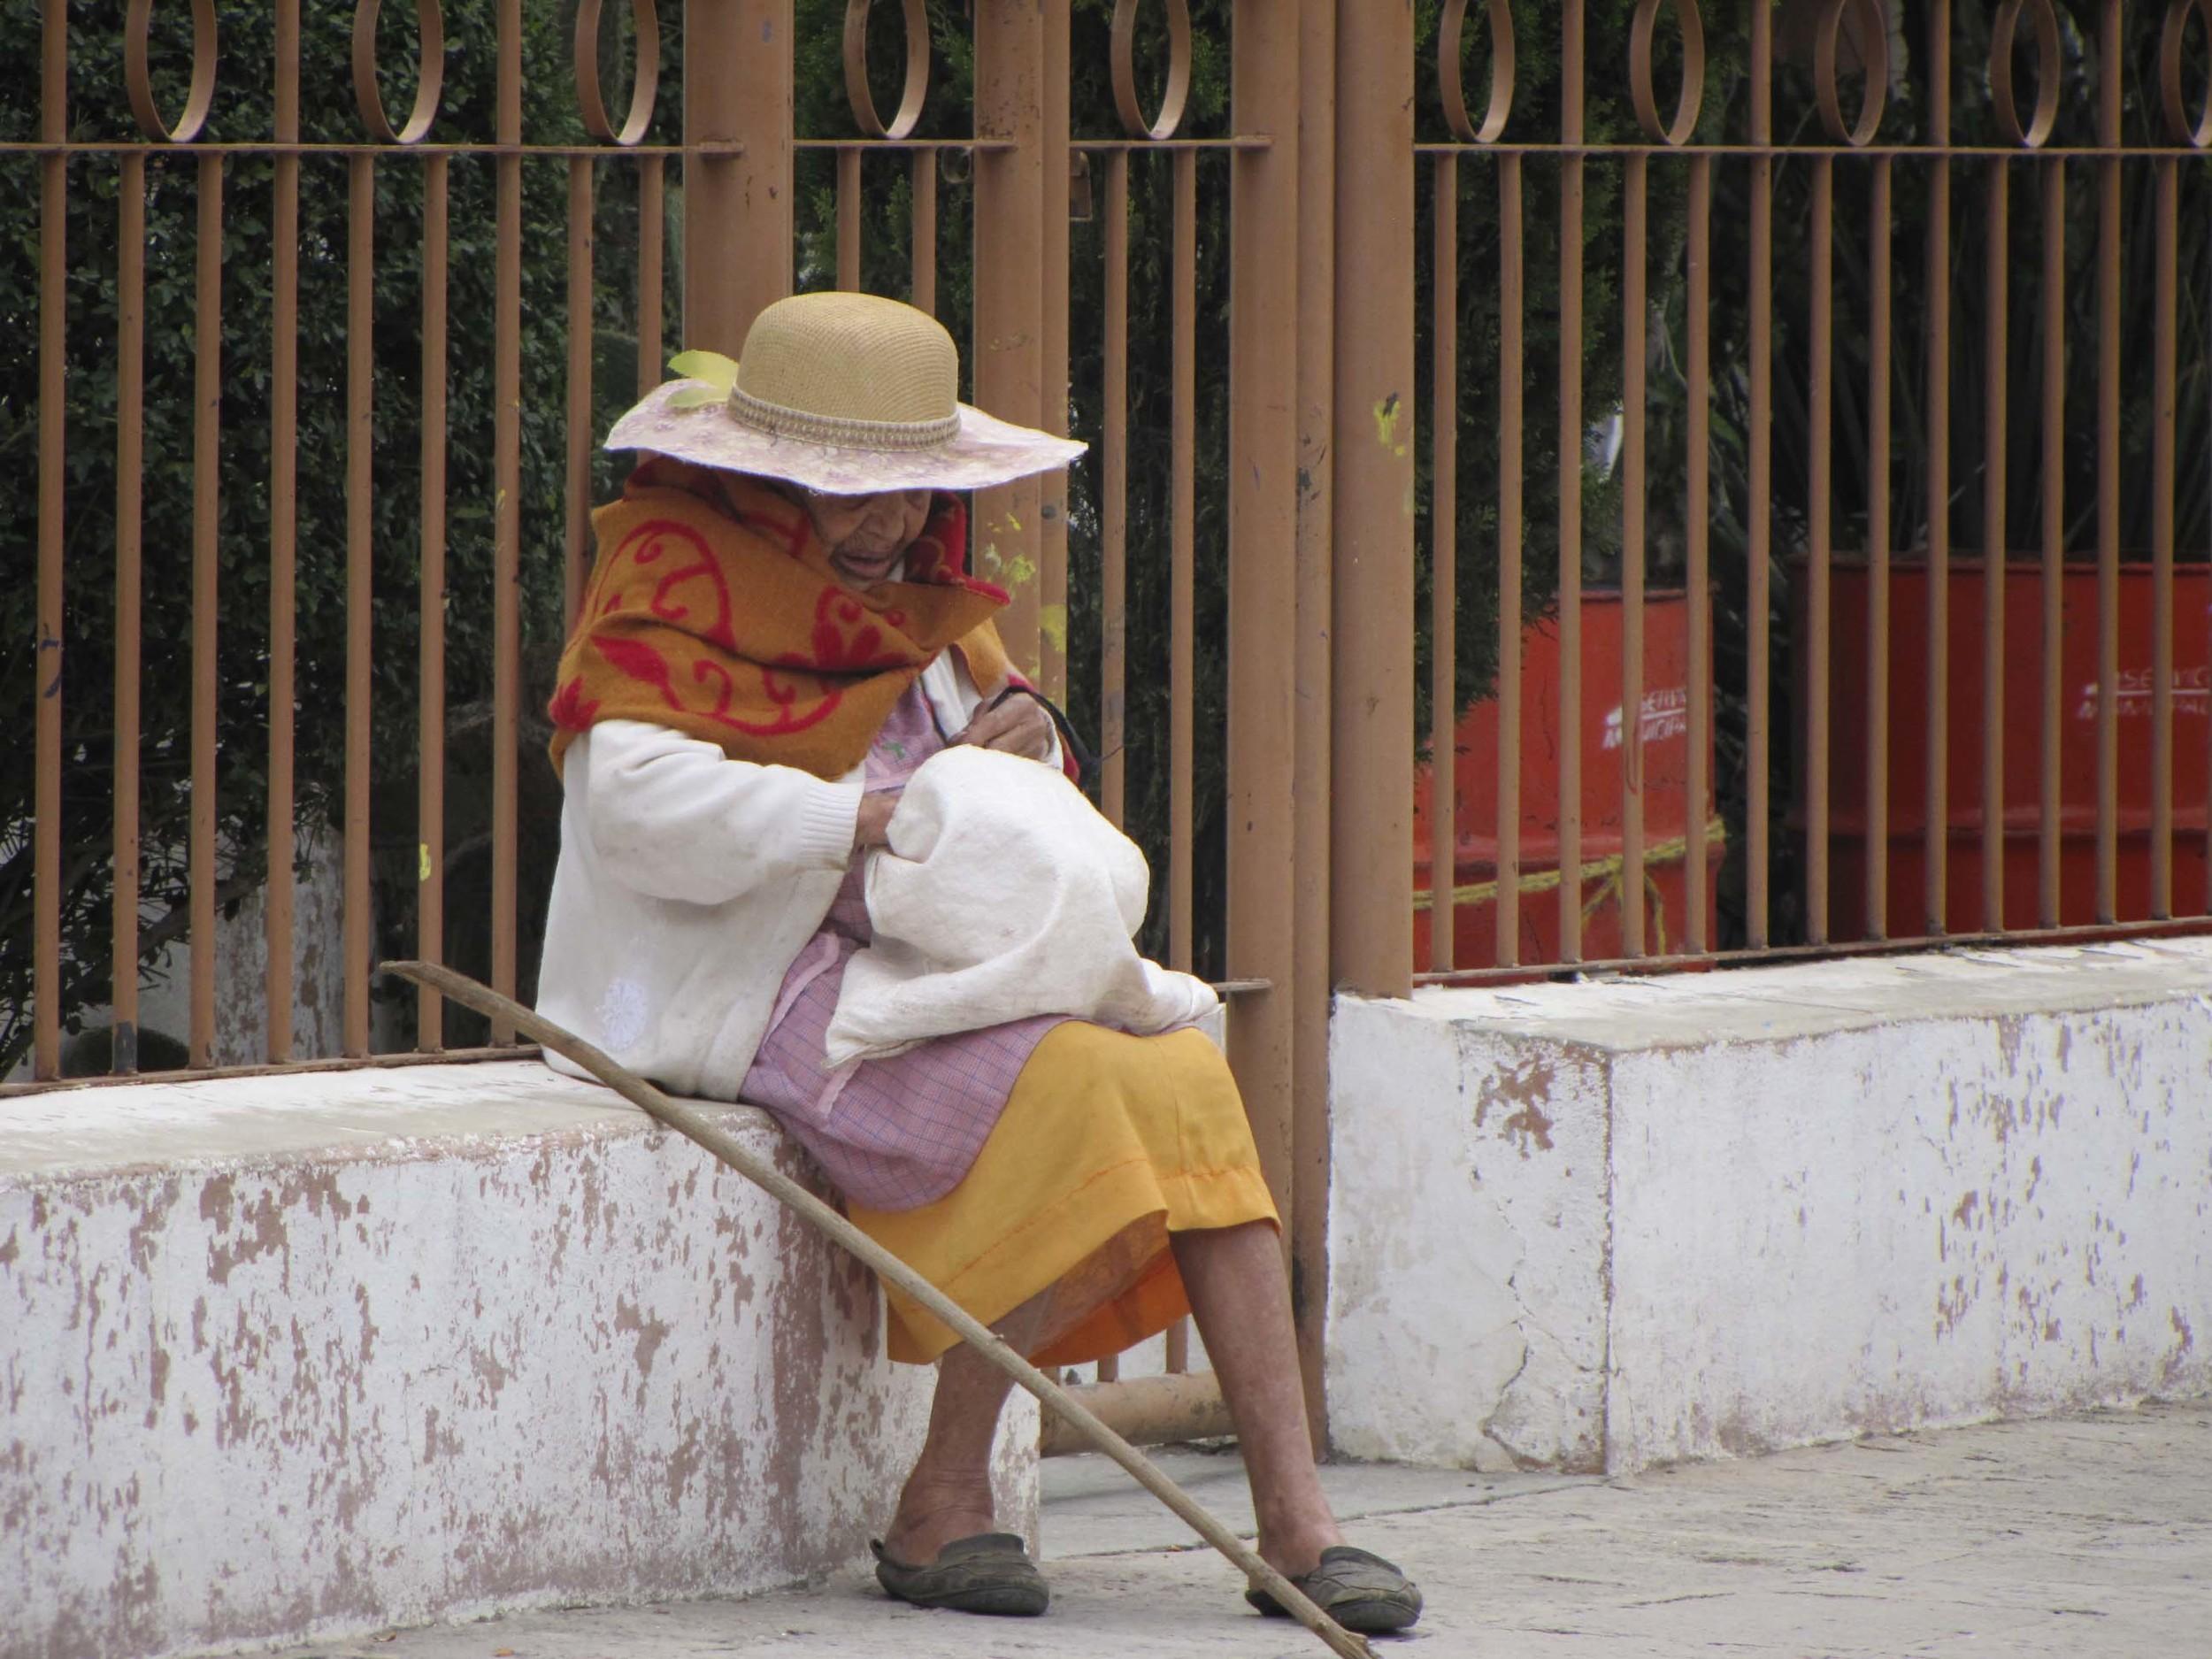 Old lady hat NIK .jpg